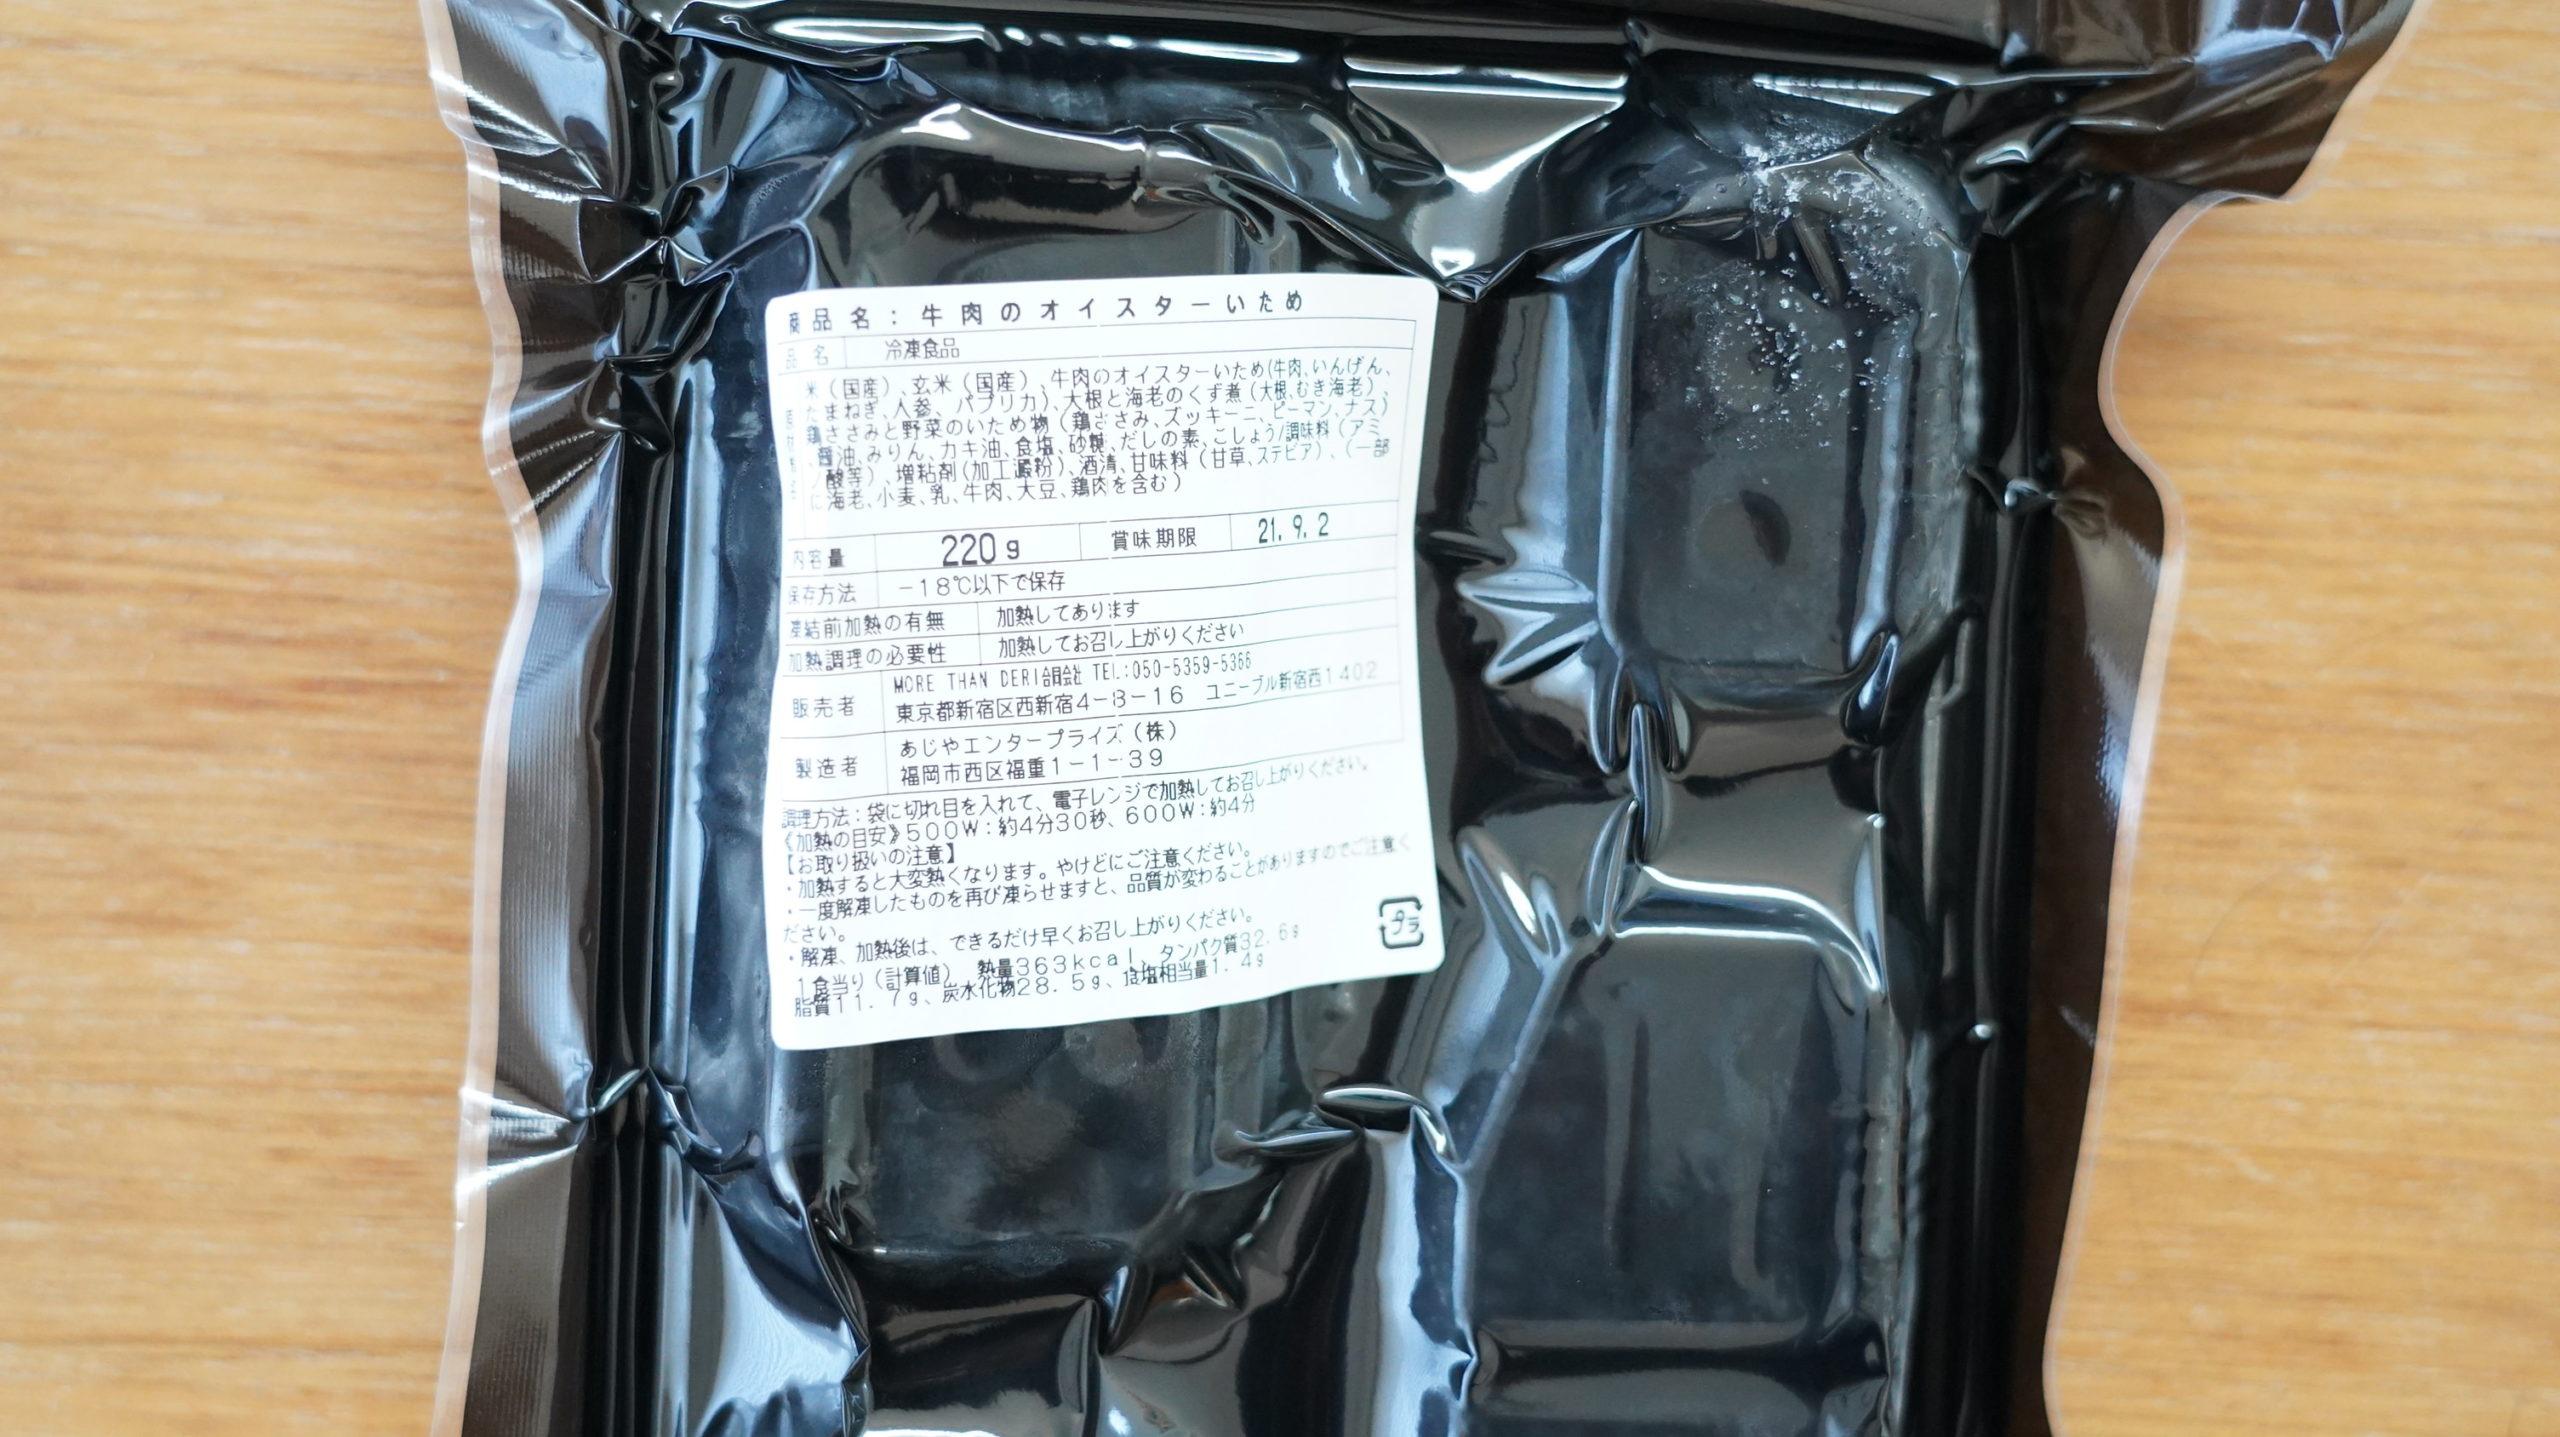 More than Deli(モアザンデリ)の冷凍弁当「牛肉のオイスターいため」のパッケージ裏面の拡大写真